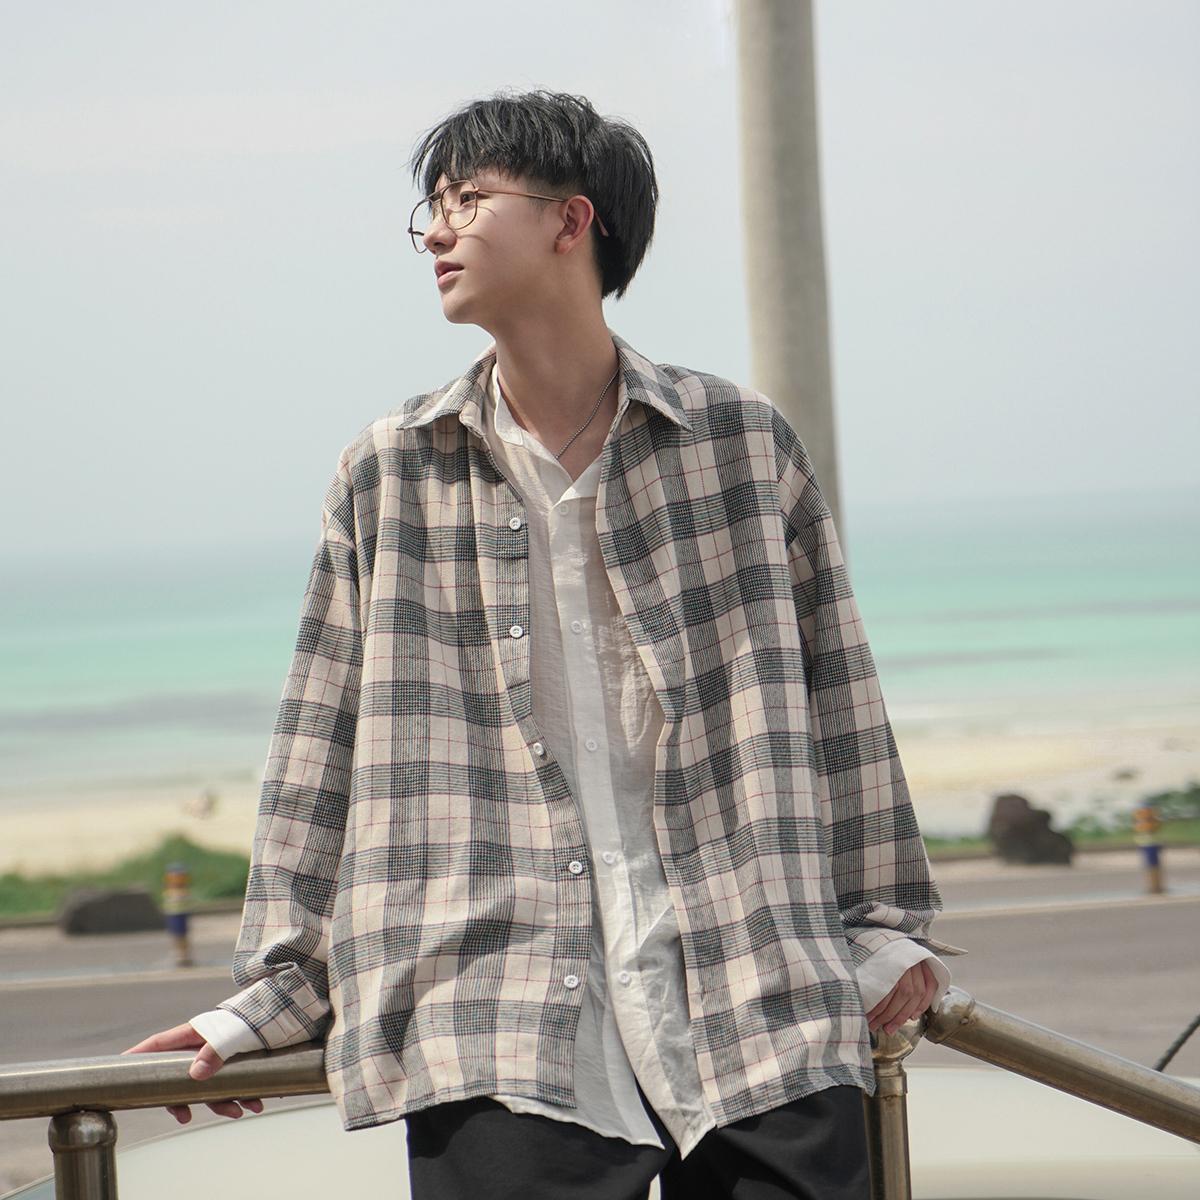 [¥83]禾子先生秋装百搭小清新长袖衬衫宽松假两件男士格子学生休闲衬衣